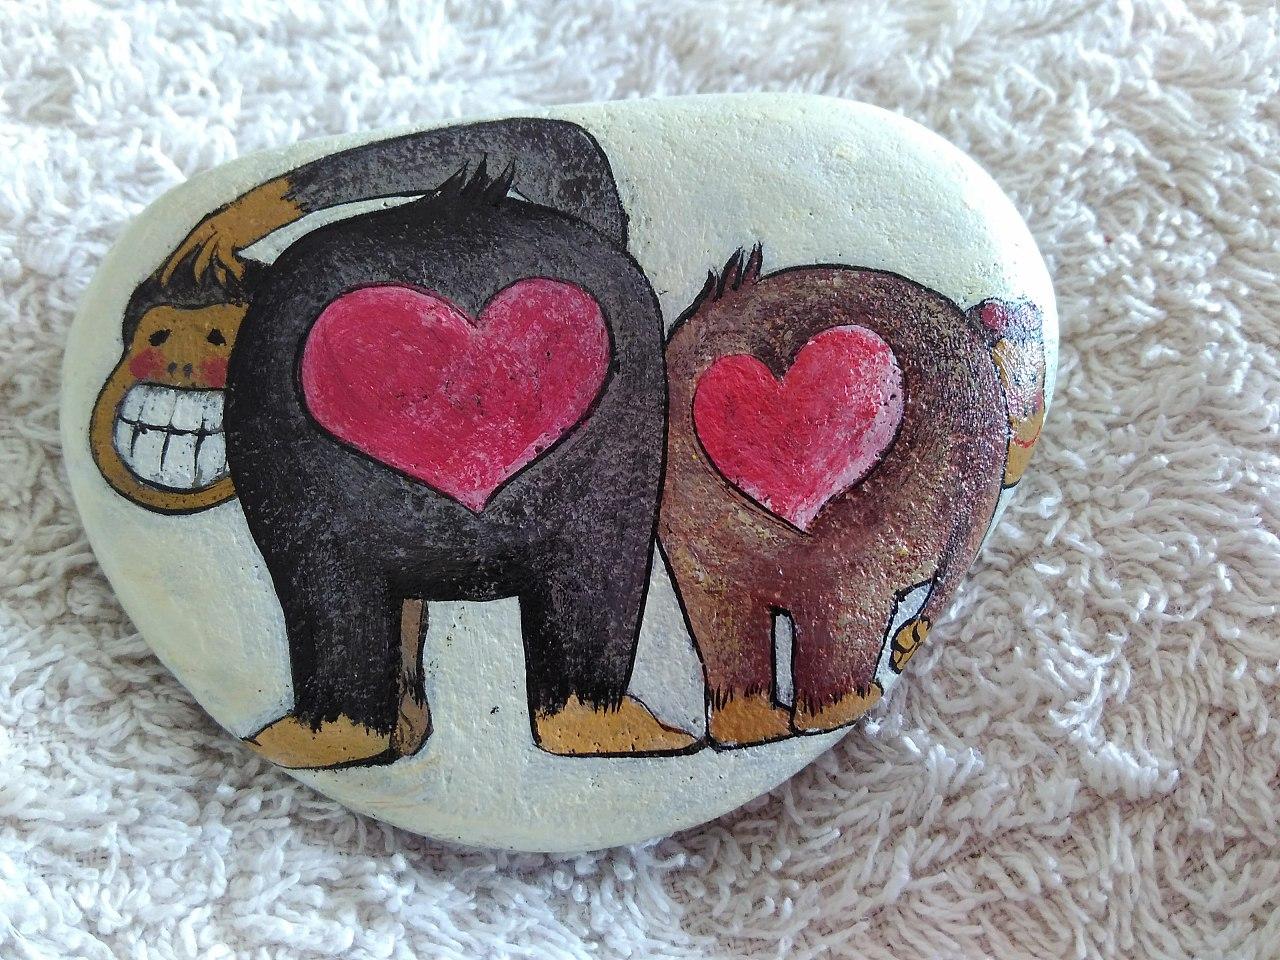 手绘石头|动漫|动画片|合丽娟 - 临摹作品 - 站酷